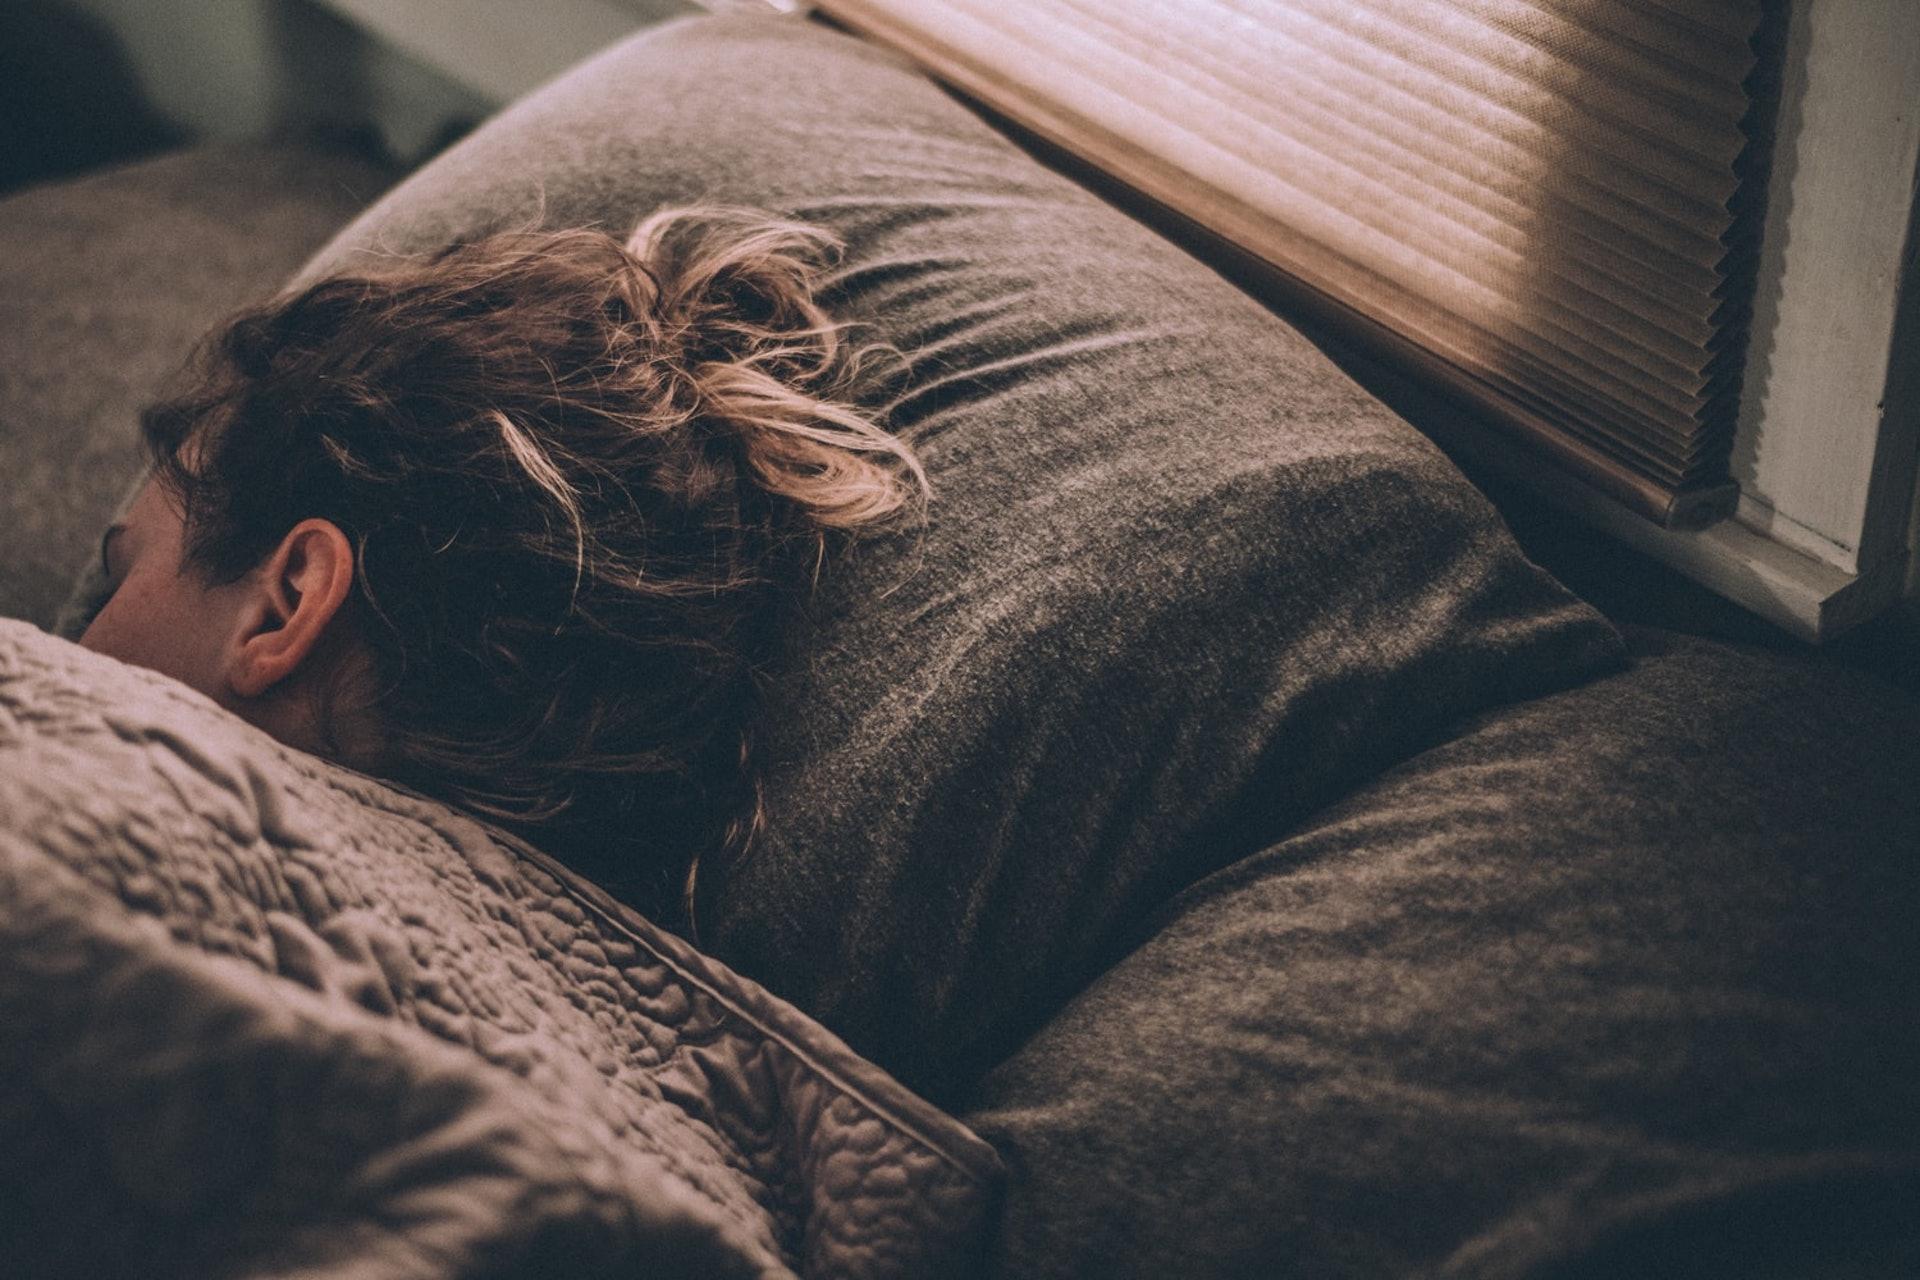 睡眠對健康至關重要,如果因為枕邊人的鼻鼾聲而睡不好,難免影響關係。(sekibaku/unsplash)